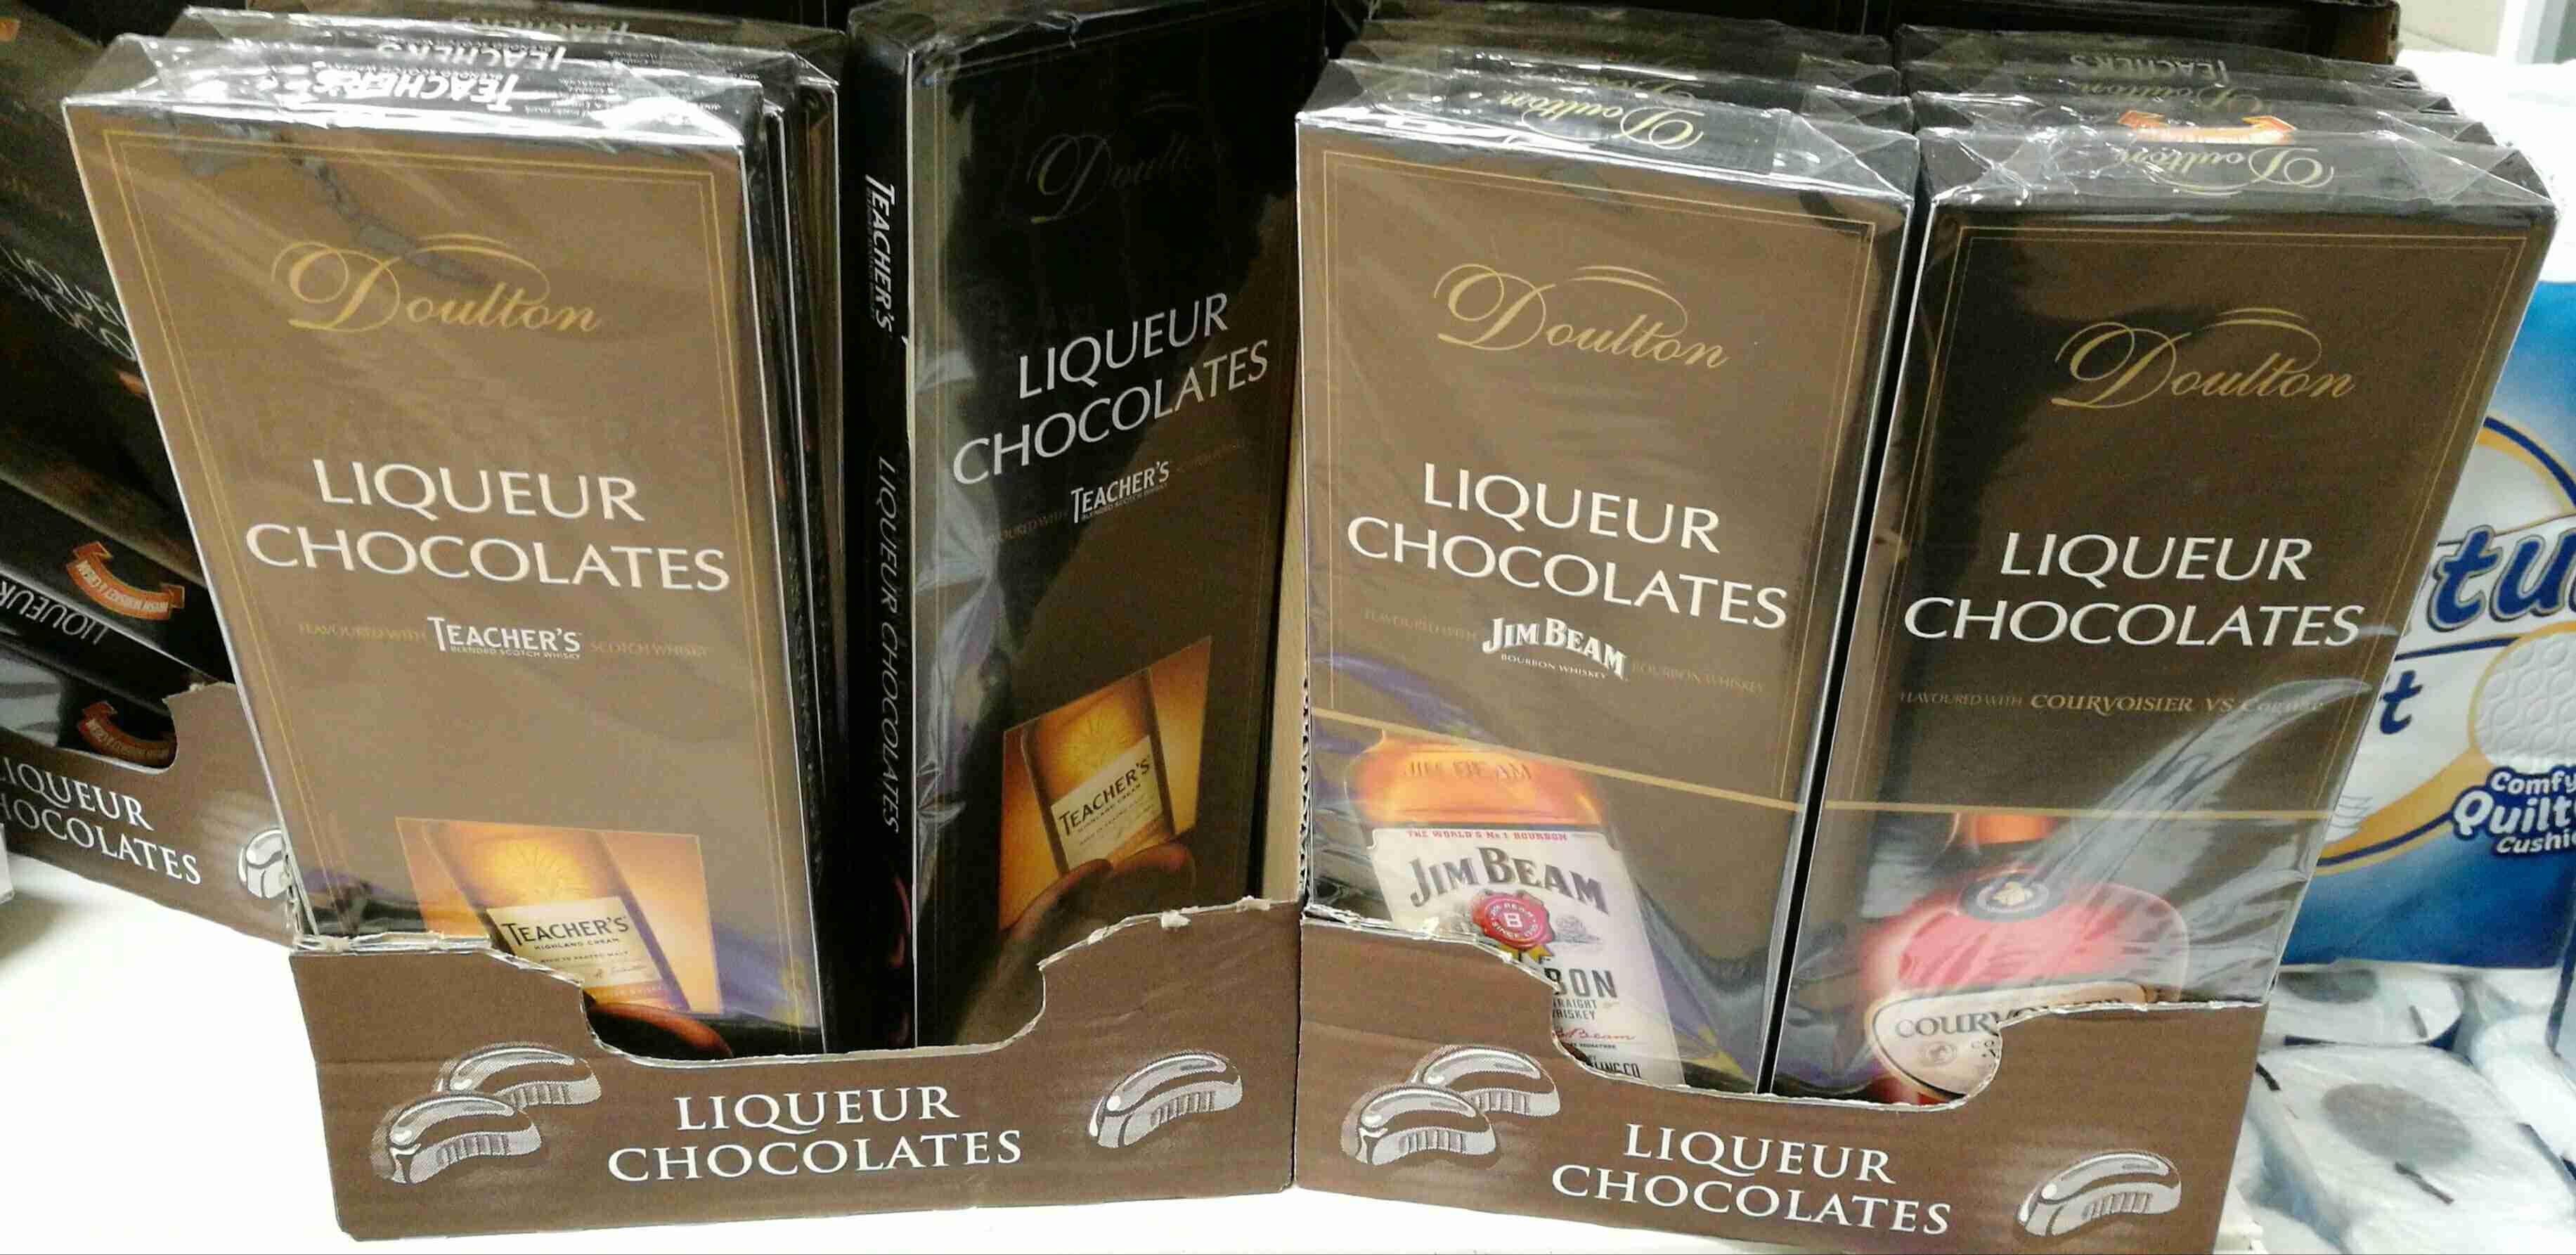 Poundland: Doulton branded liquers 150g £1